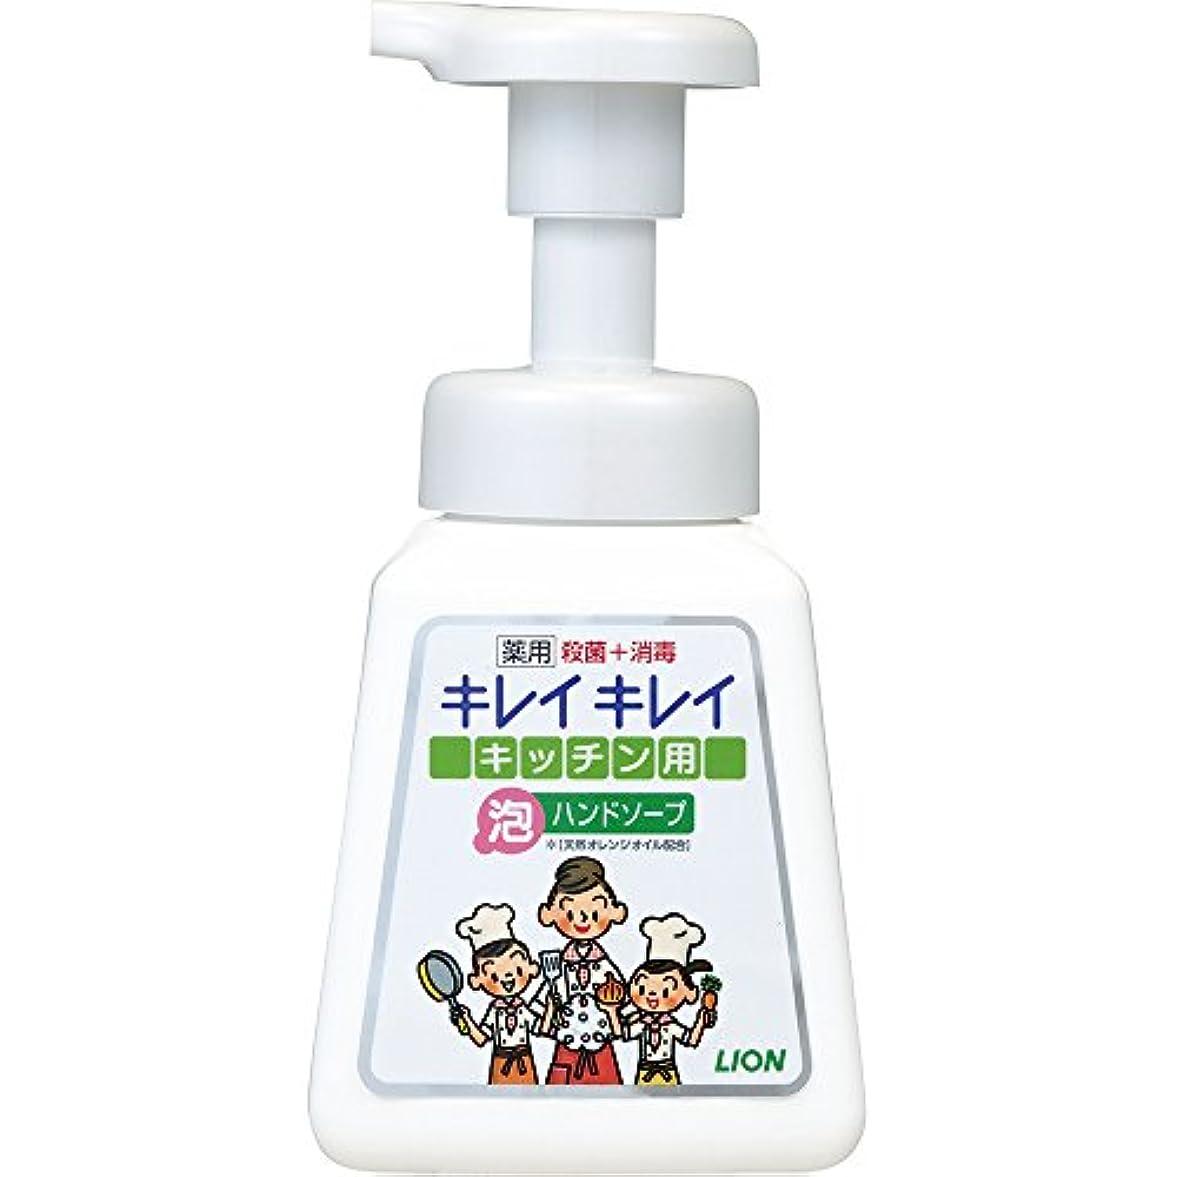 劇場白いブロックするキレイキレイ 薬用 キッチン泡ハンドソープ 本体ポンプ 230ml(医薬部外品)